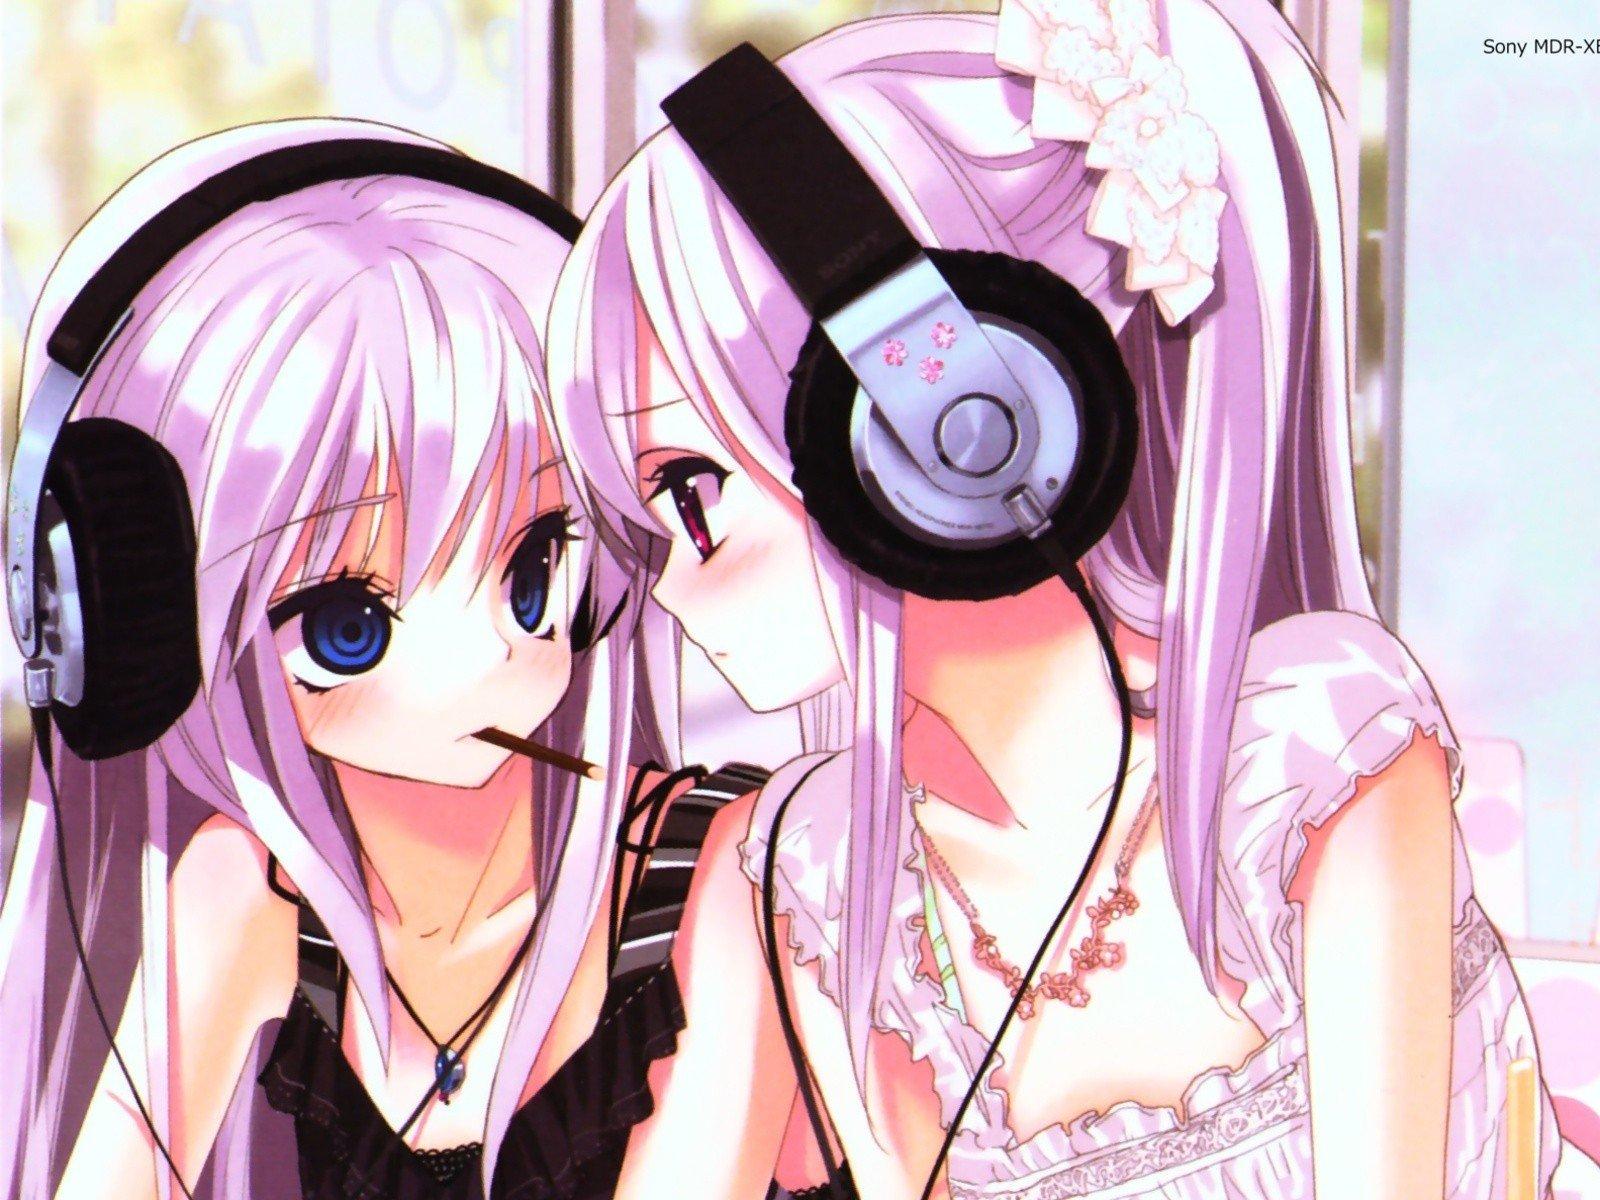 Manga Anime Anime Girls Twins Hd Wallpapers Desktop